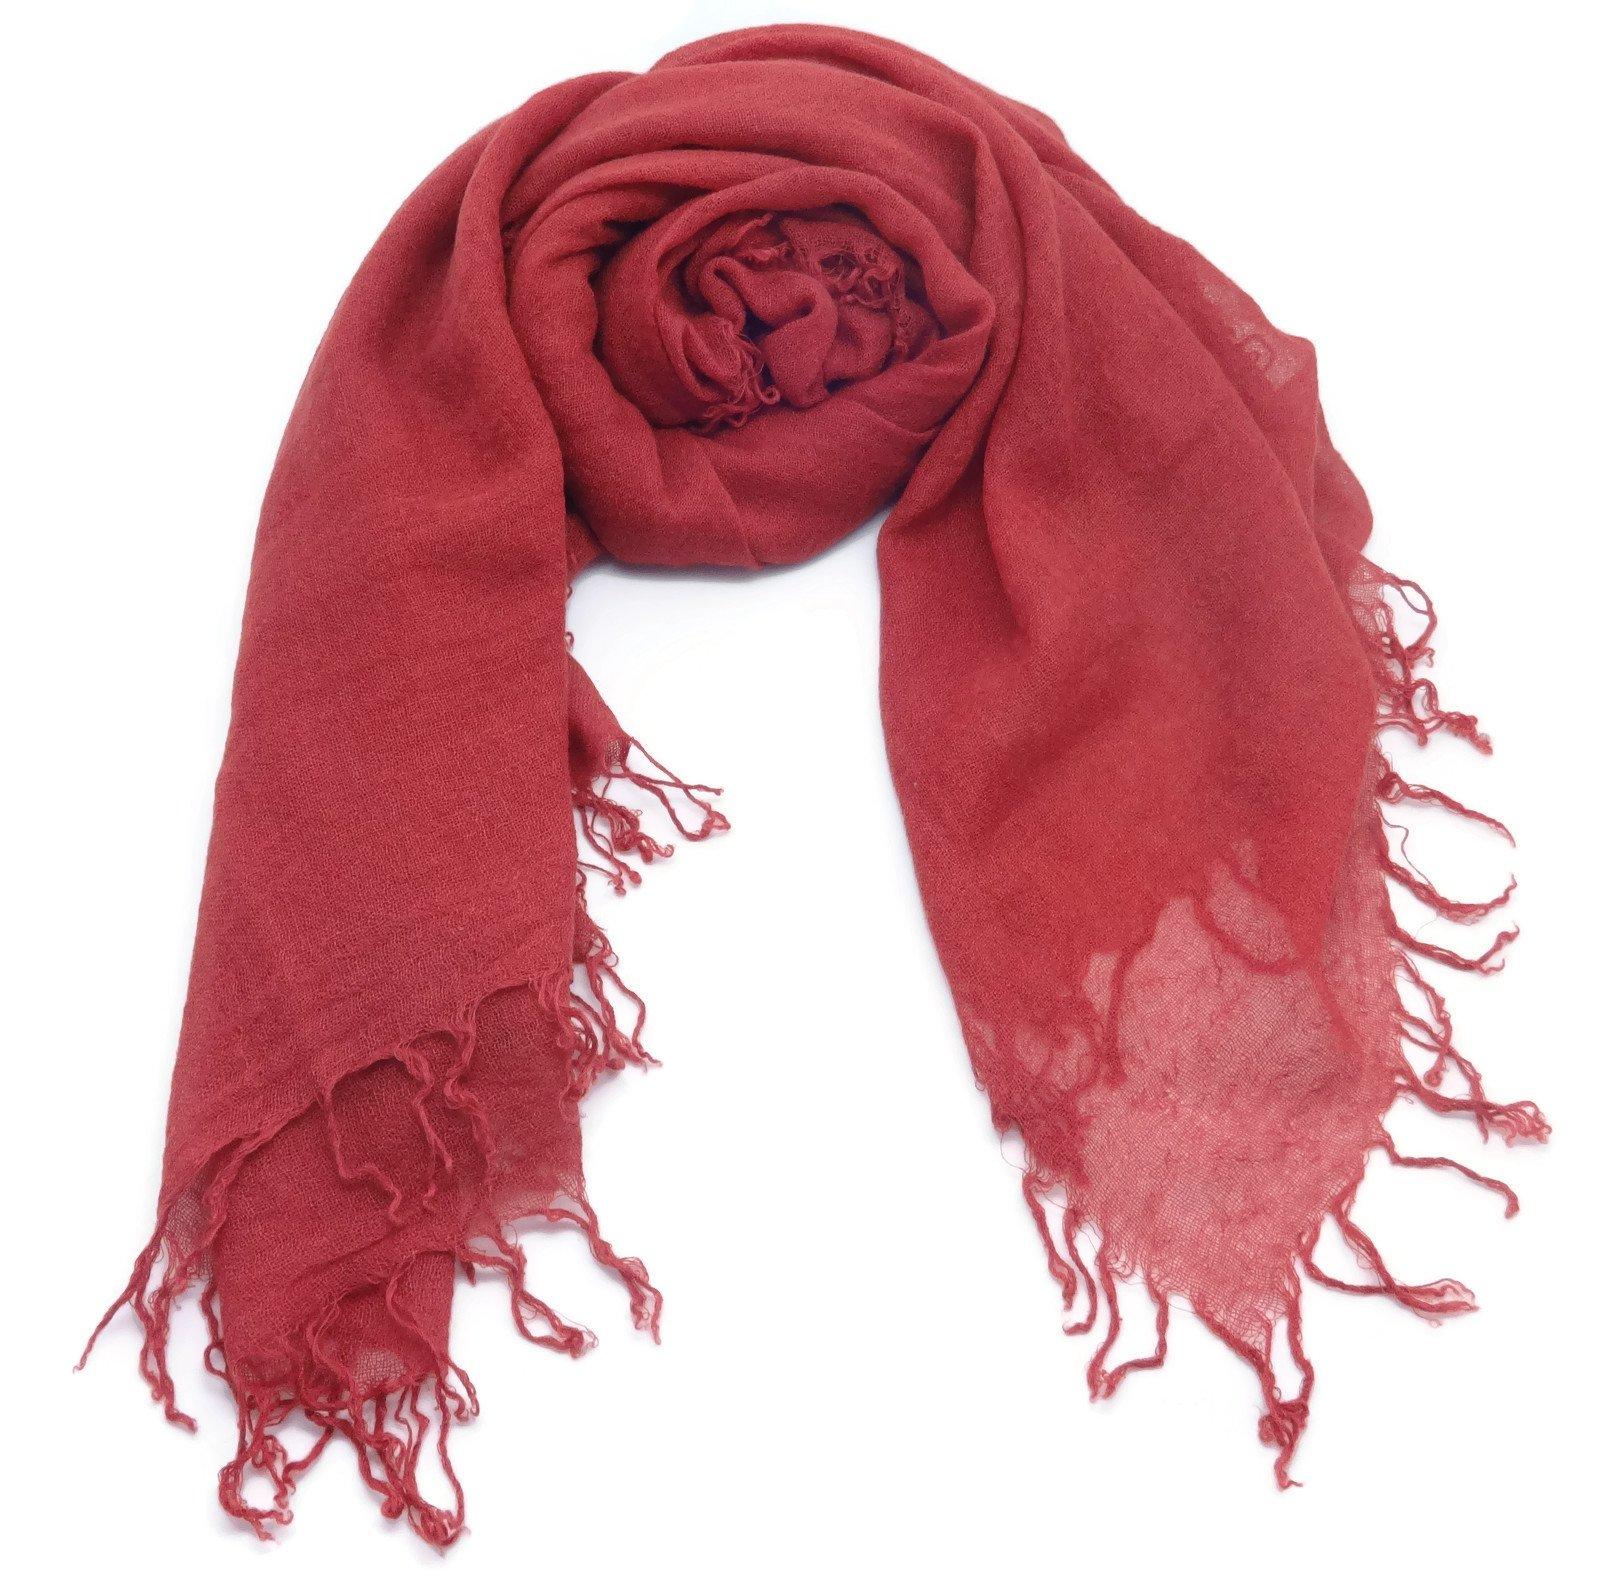 Chan Luu Barn Red Cashmere and Silk Soft Scarf Shawl Wrap